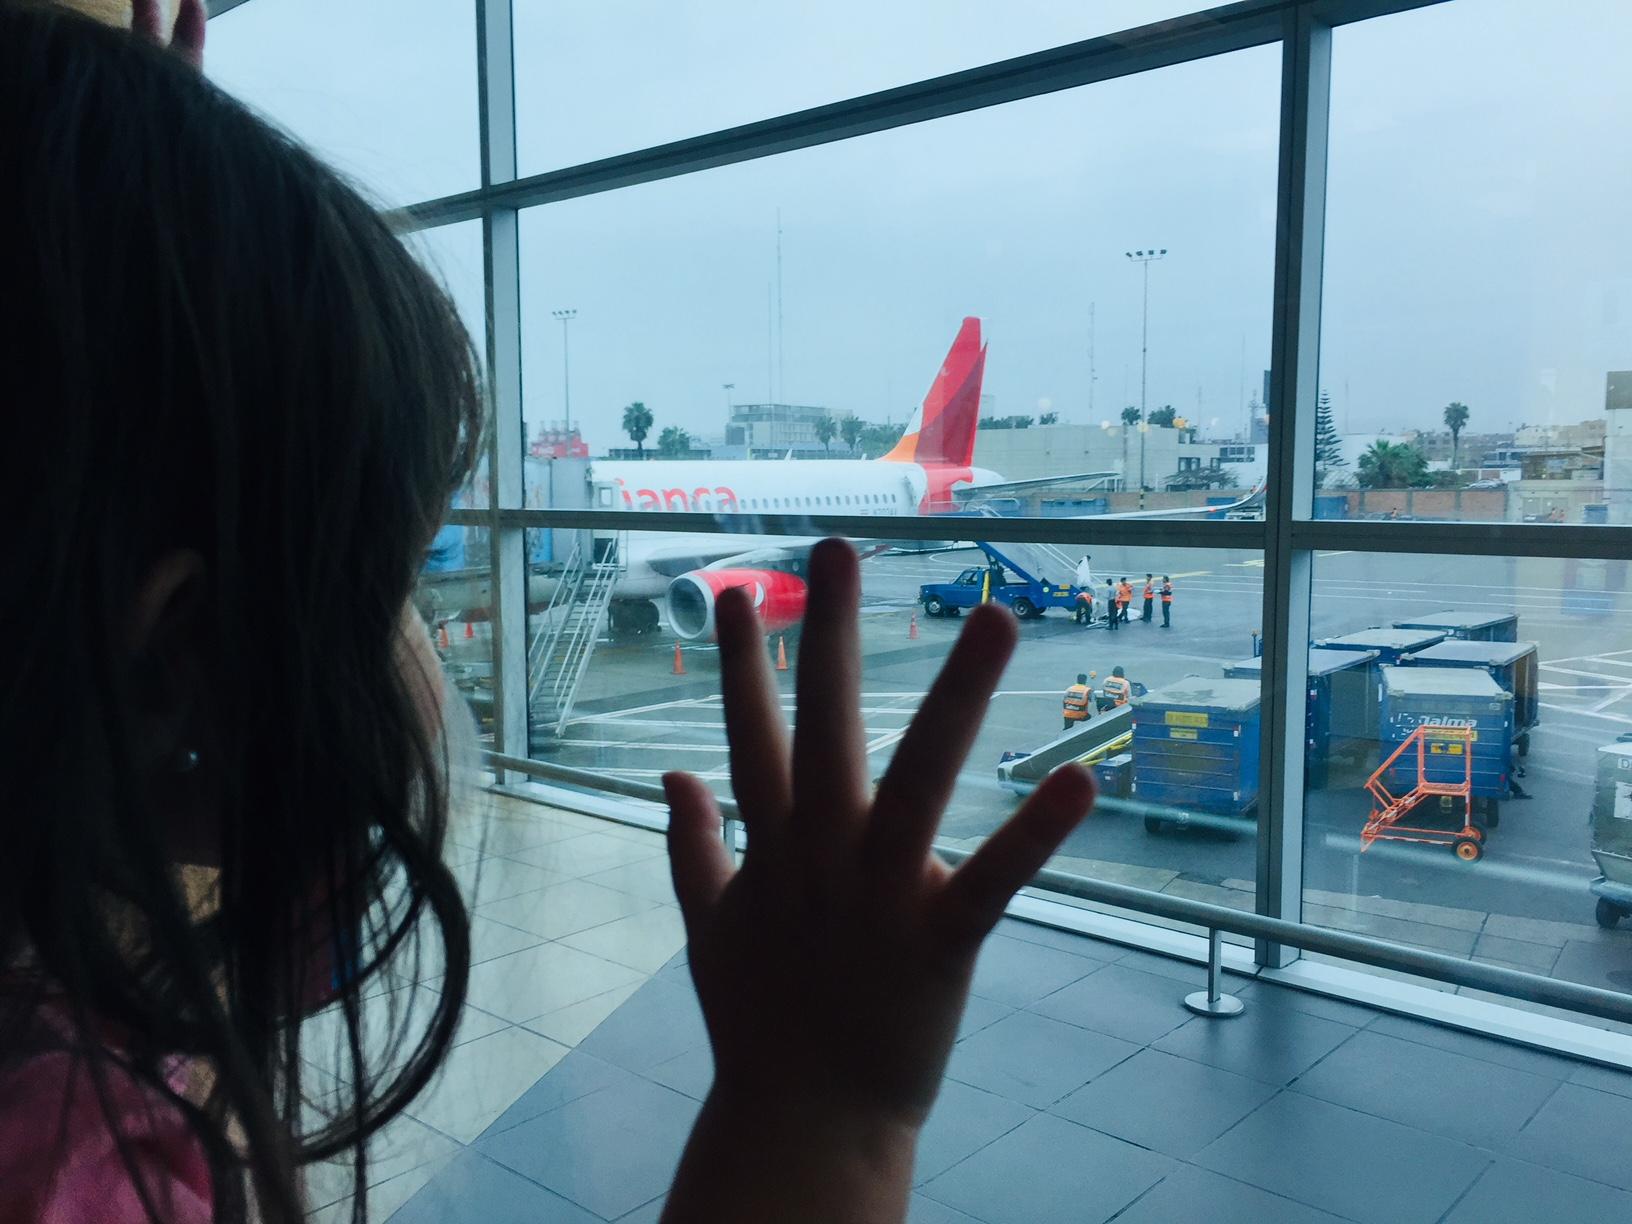 Las aerolíneas seducen a sus clientes más importantes: los niños